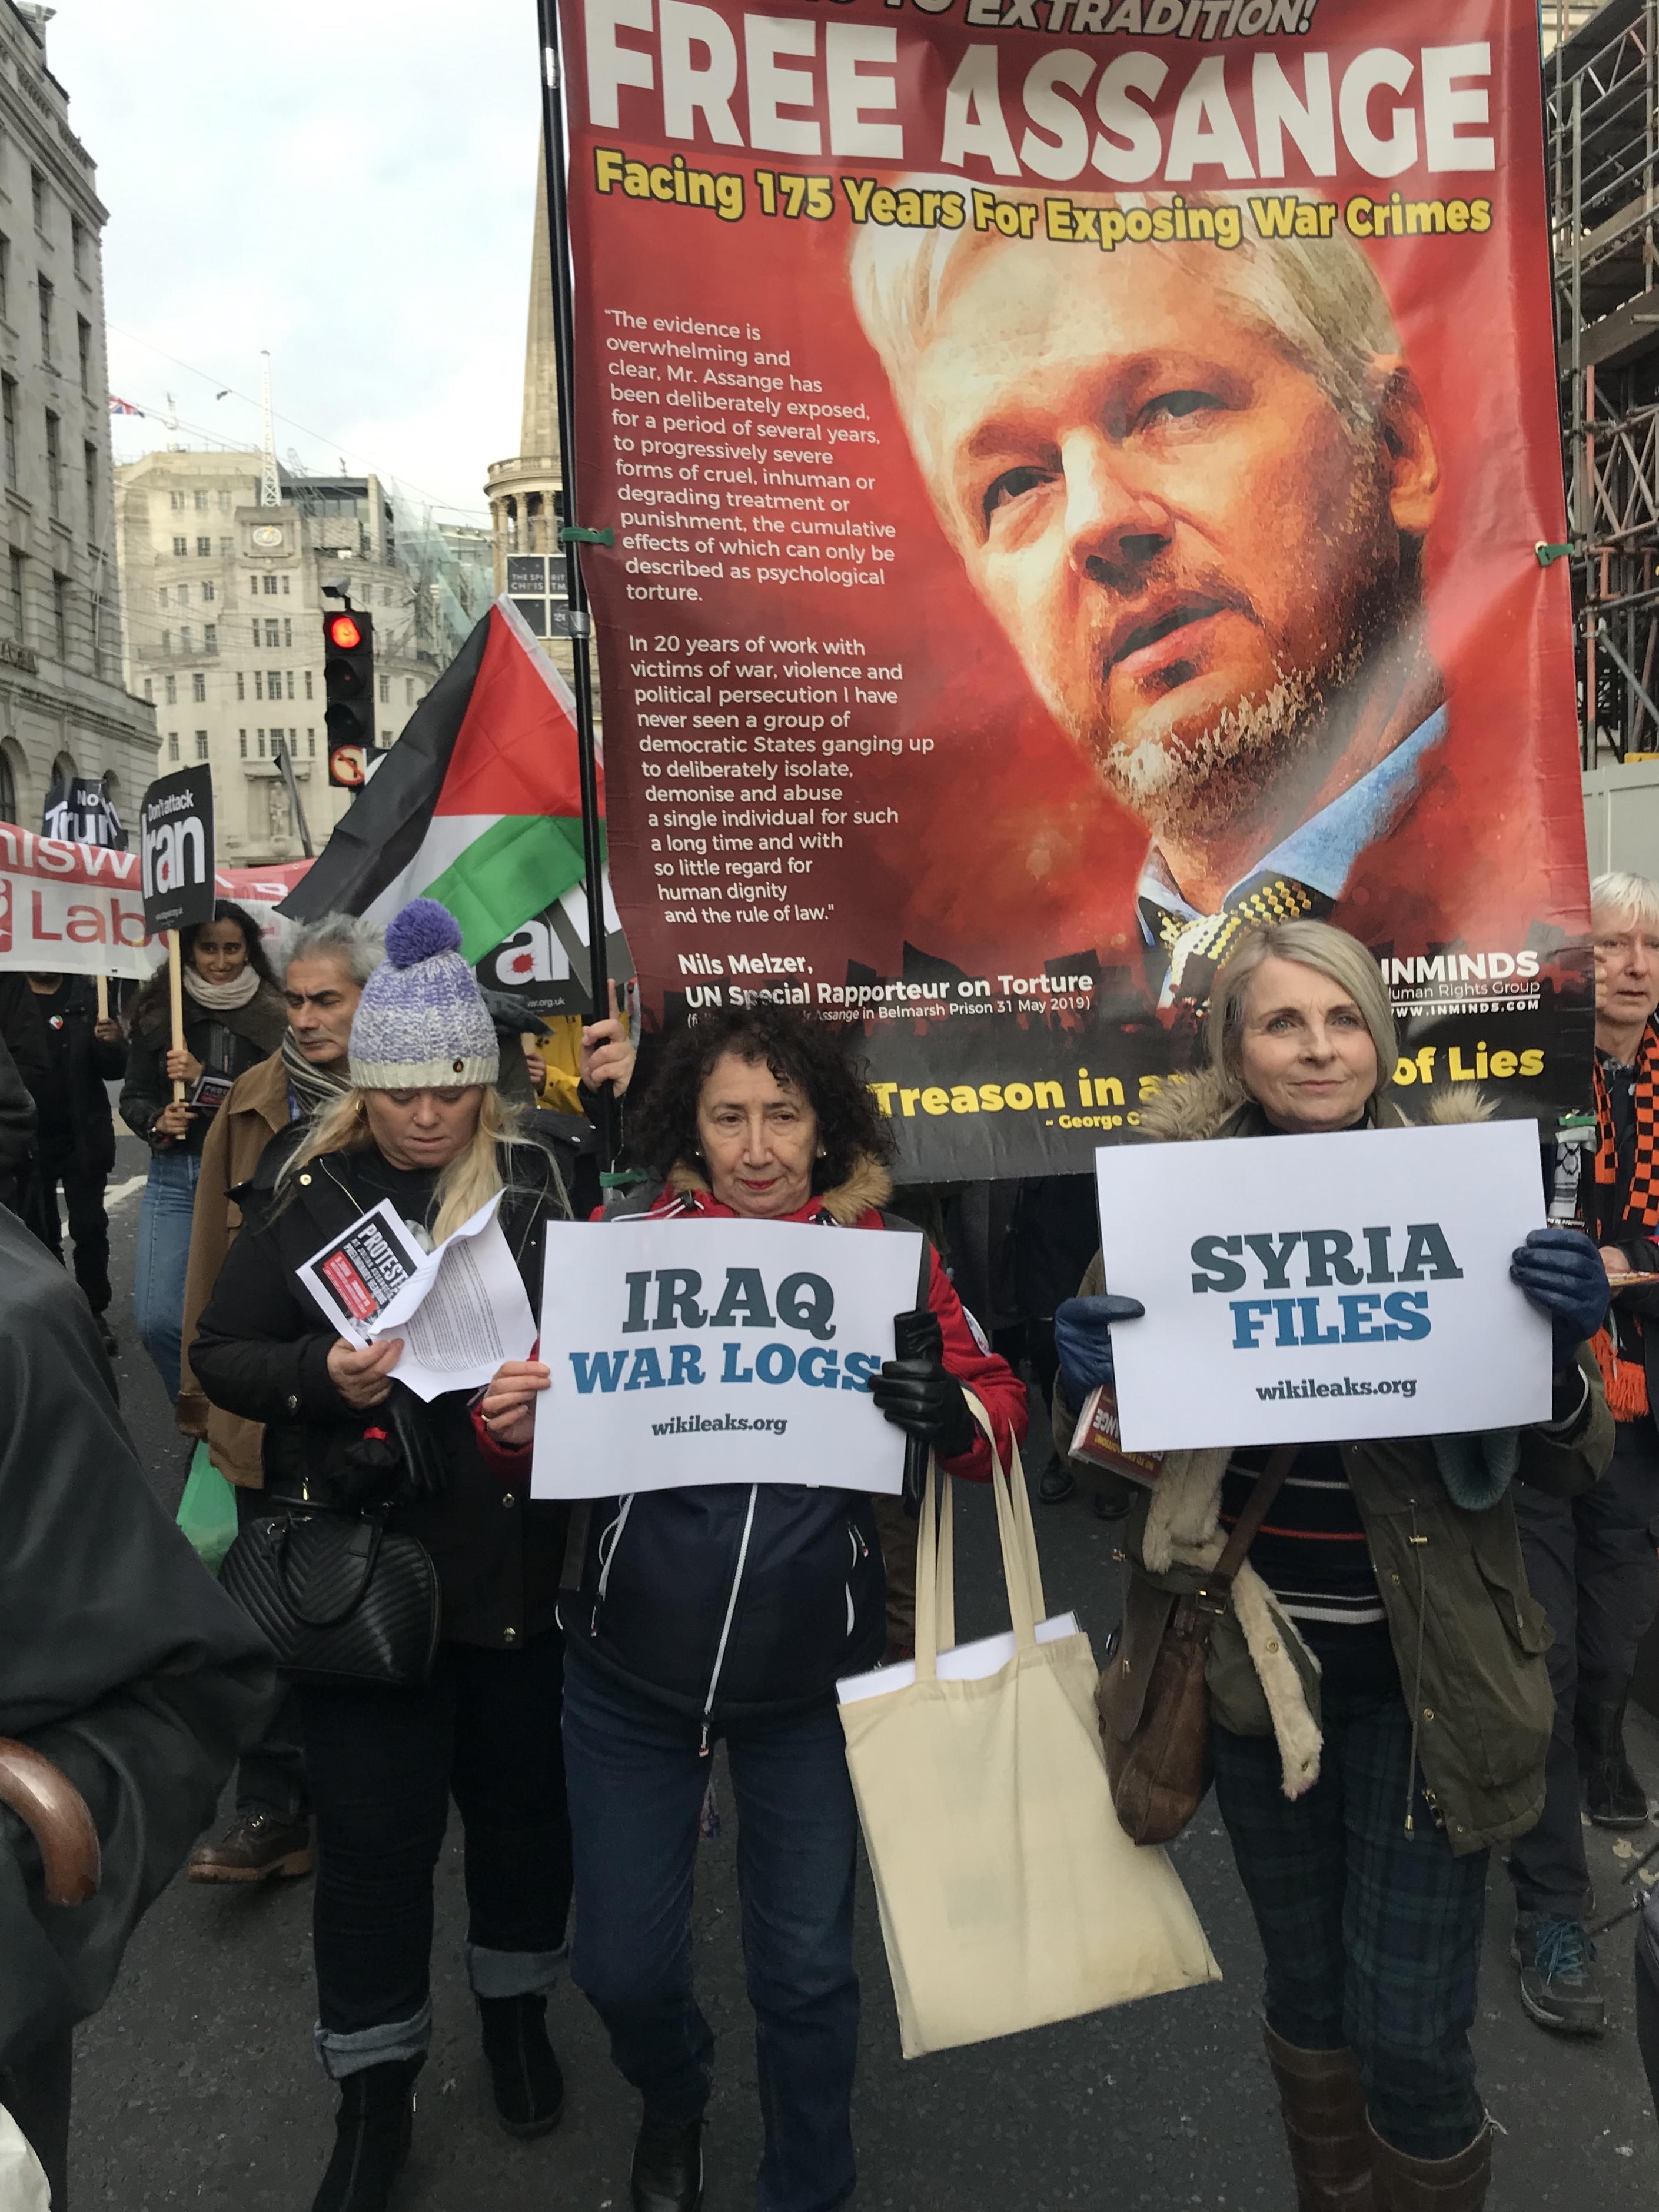 stop-war-iraq-warlogs.jpg